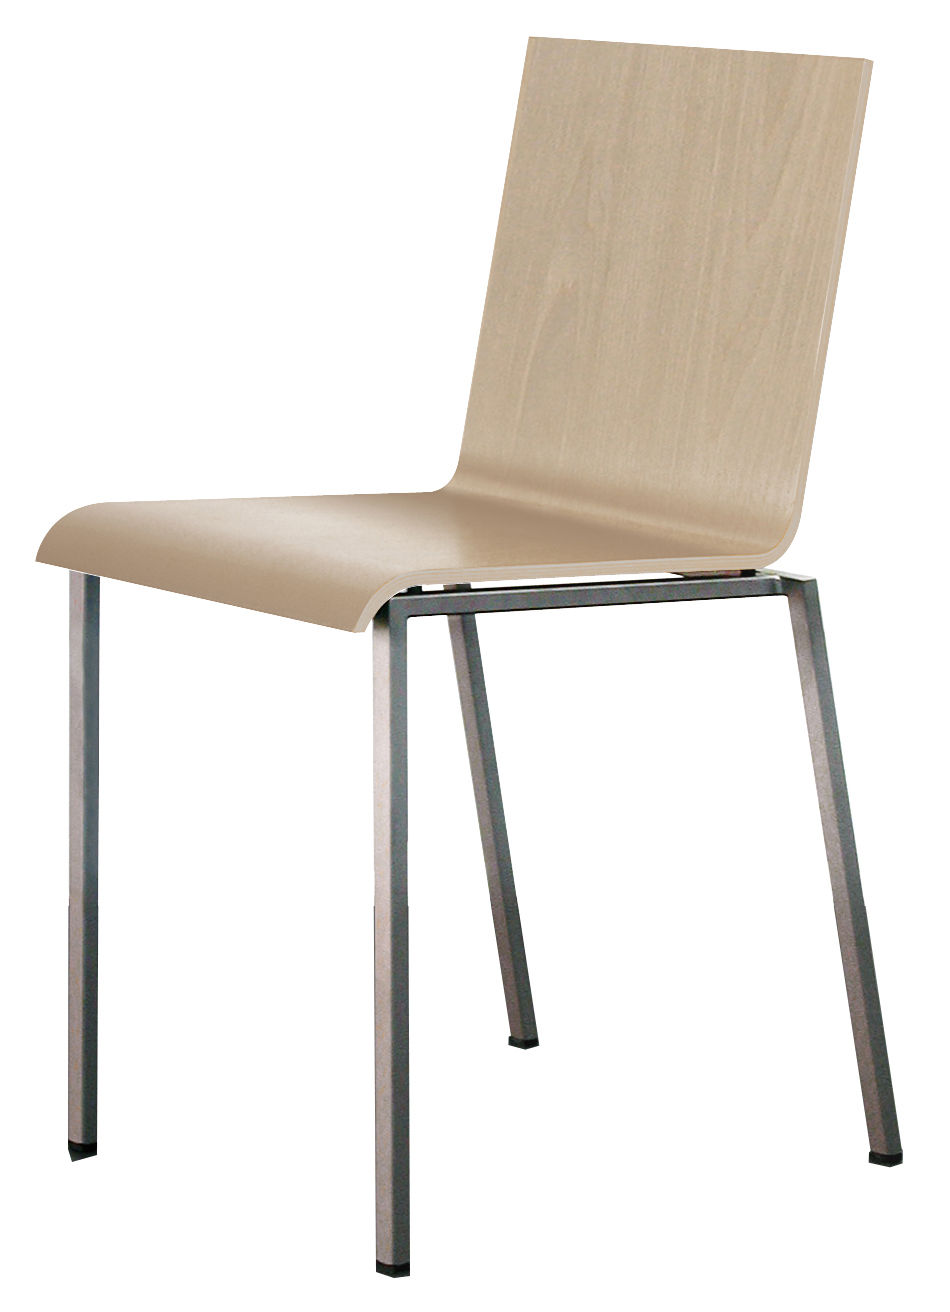 Bianca sedia versione legno rovere sbiancato by zeus - Sedia bianca legno ...